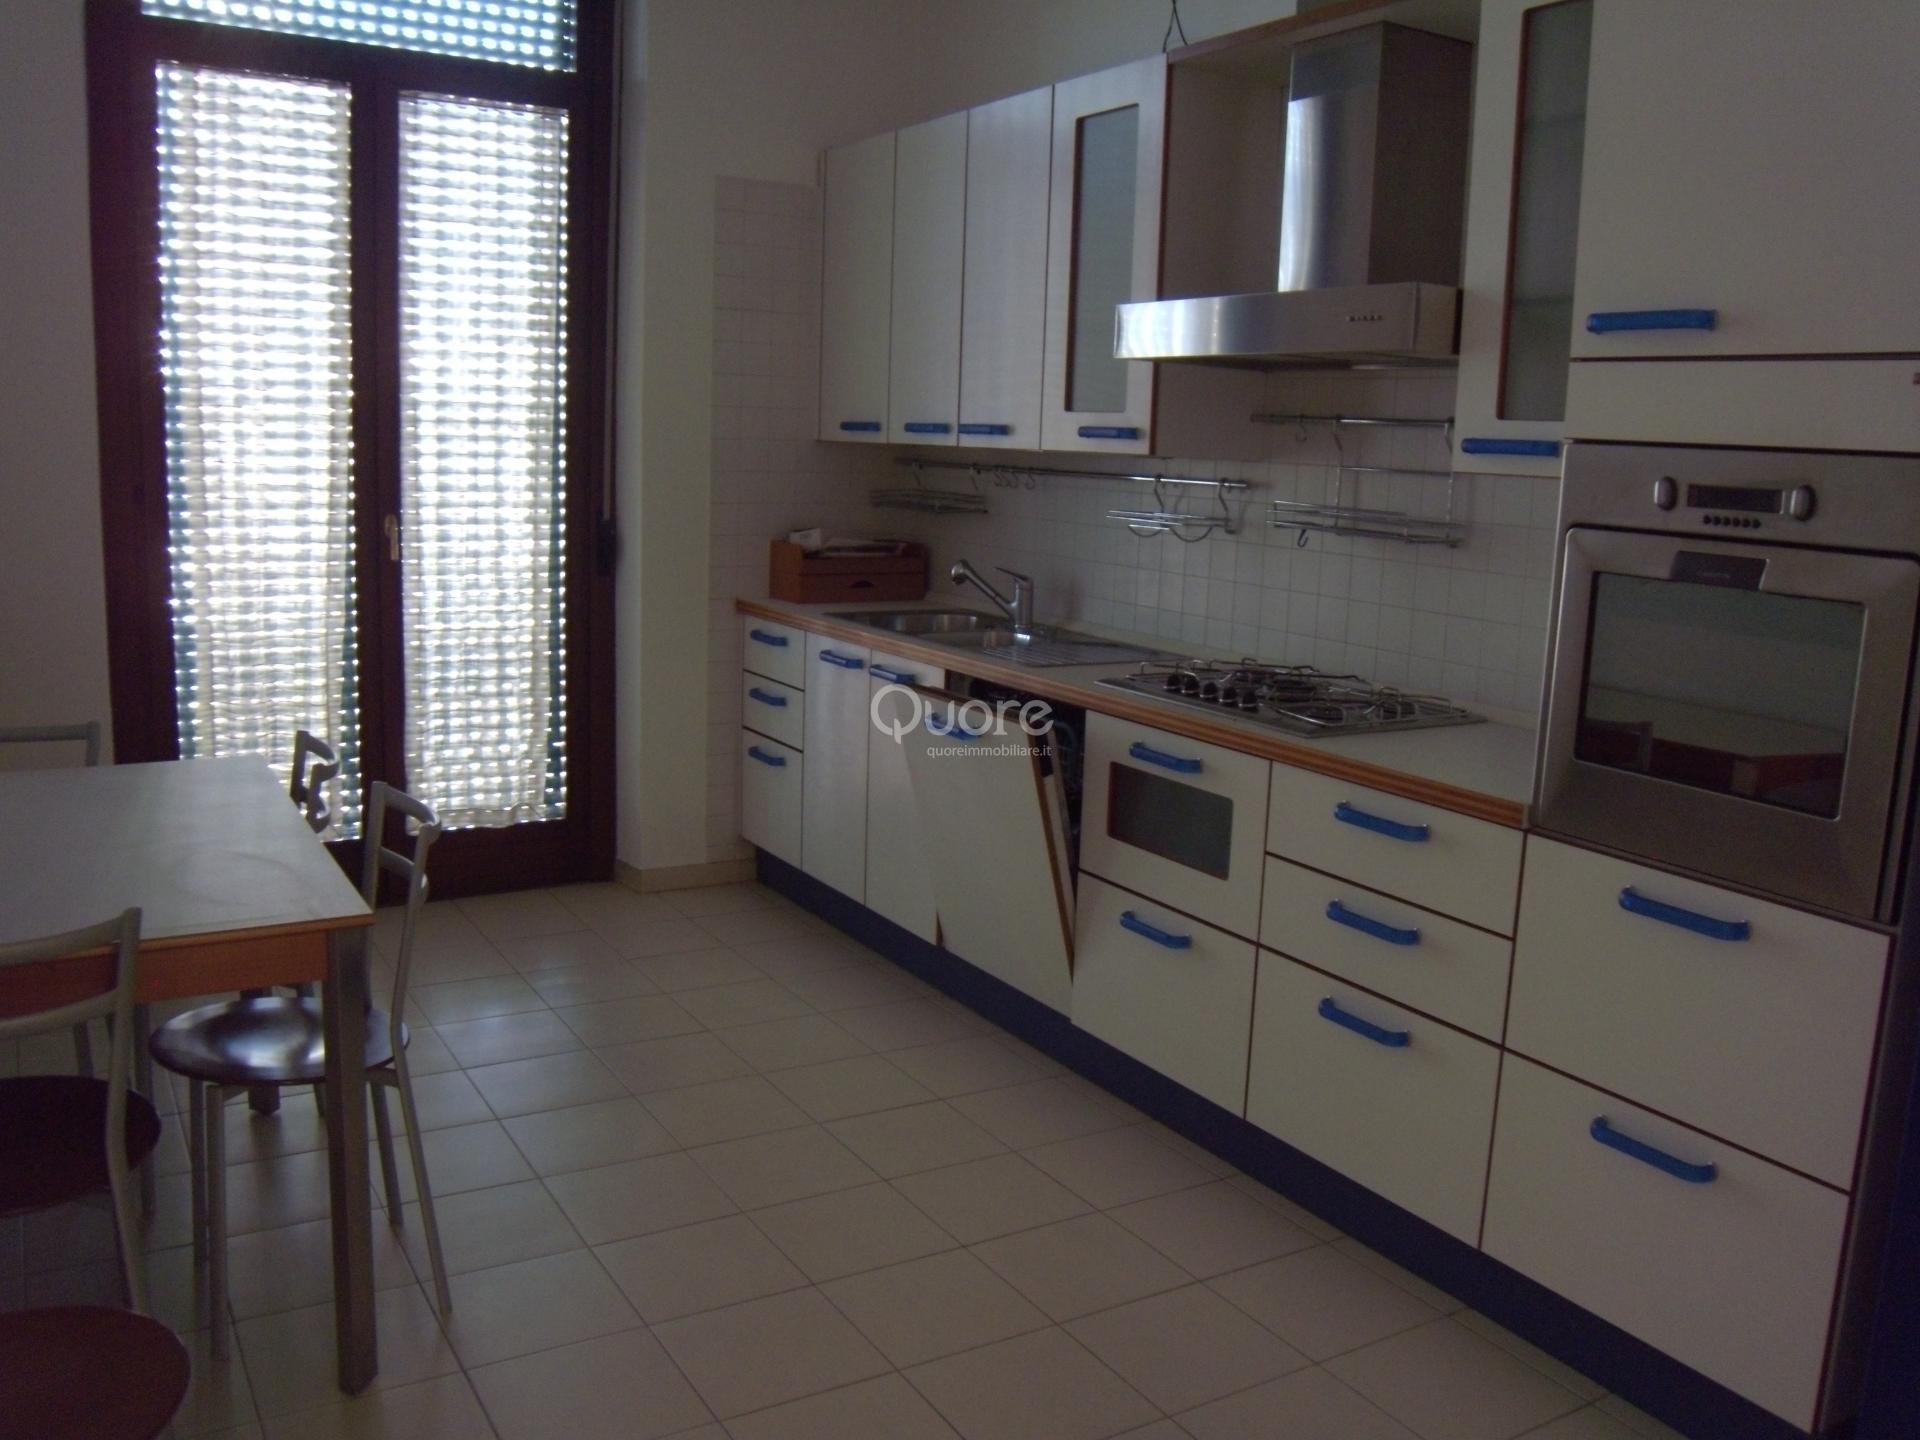 Appartamento in affitto a Udine, 5 locali, prezzo € 1.200 | Cambio Casa.it